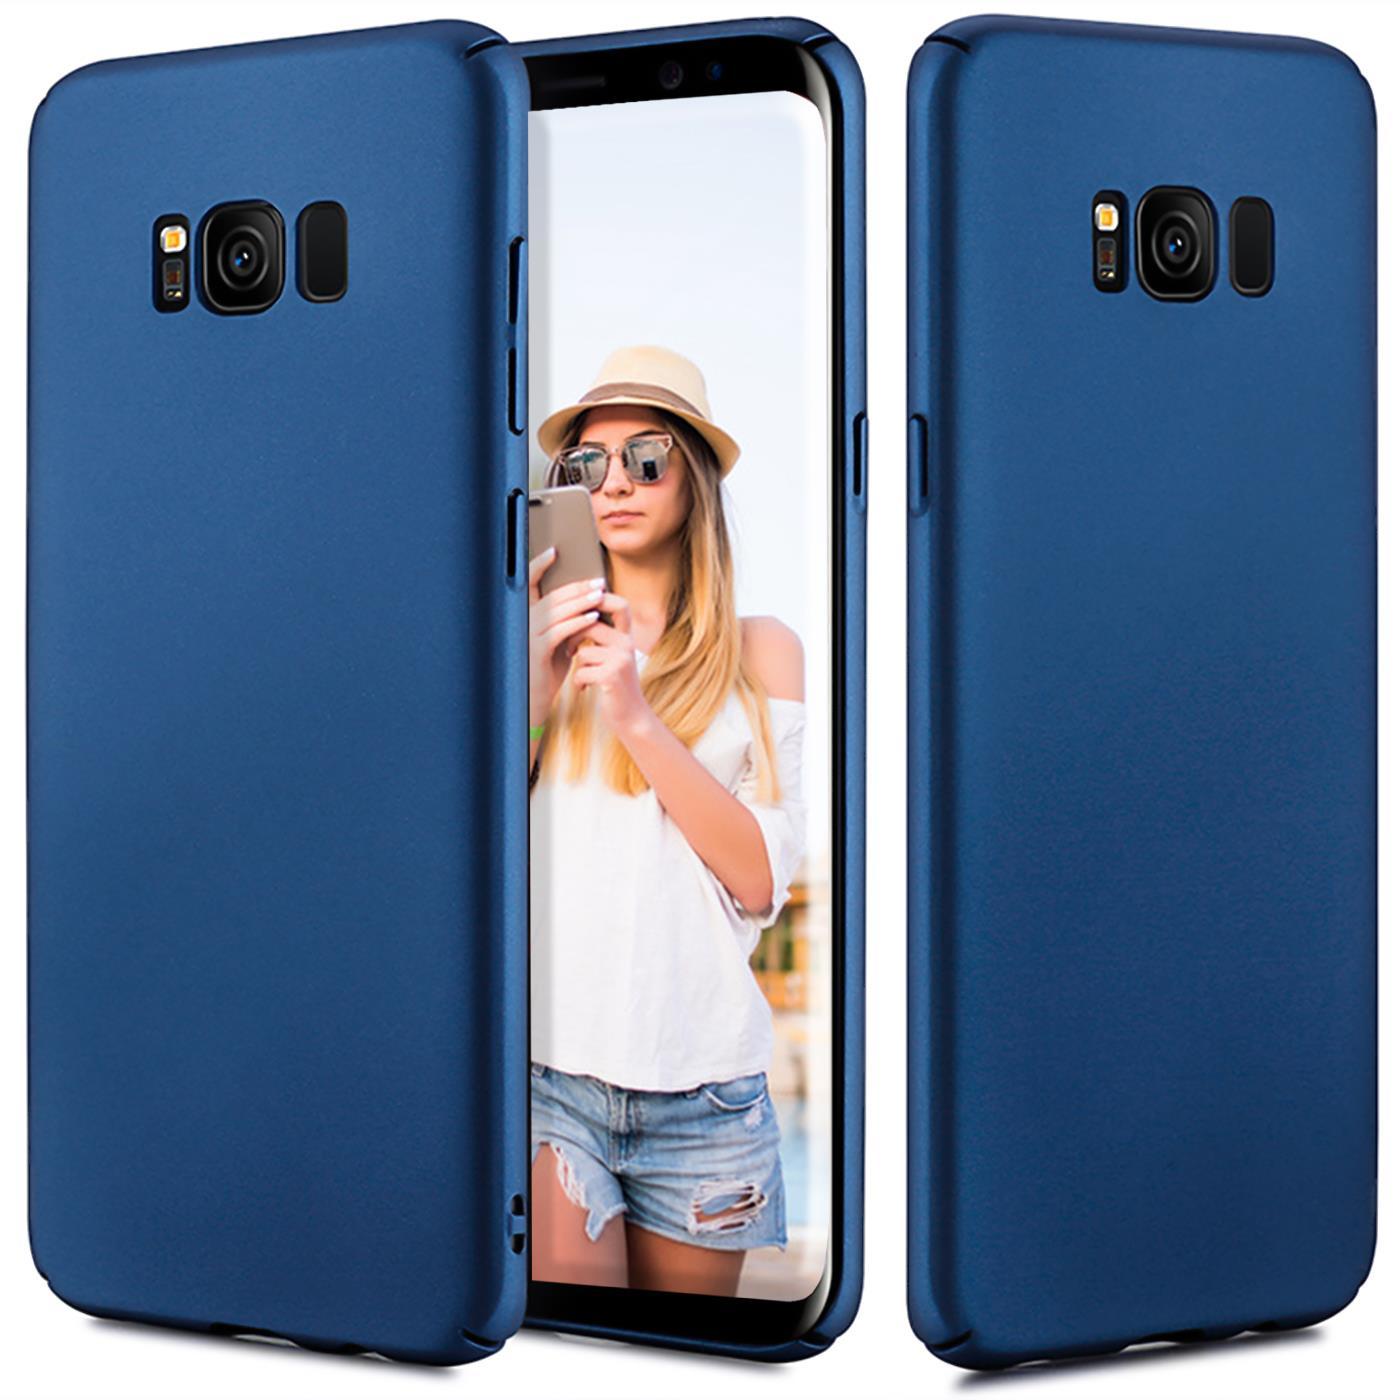 Handy-Case-Samsung-Galaxy-Huelle-Hardcase-Schutz-Cover-Slim-Tasche-Handyhuelle Indexbild 7